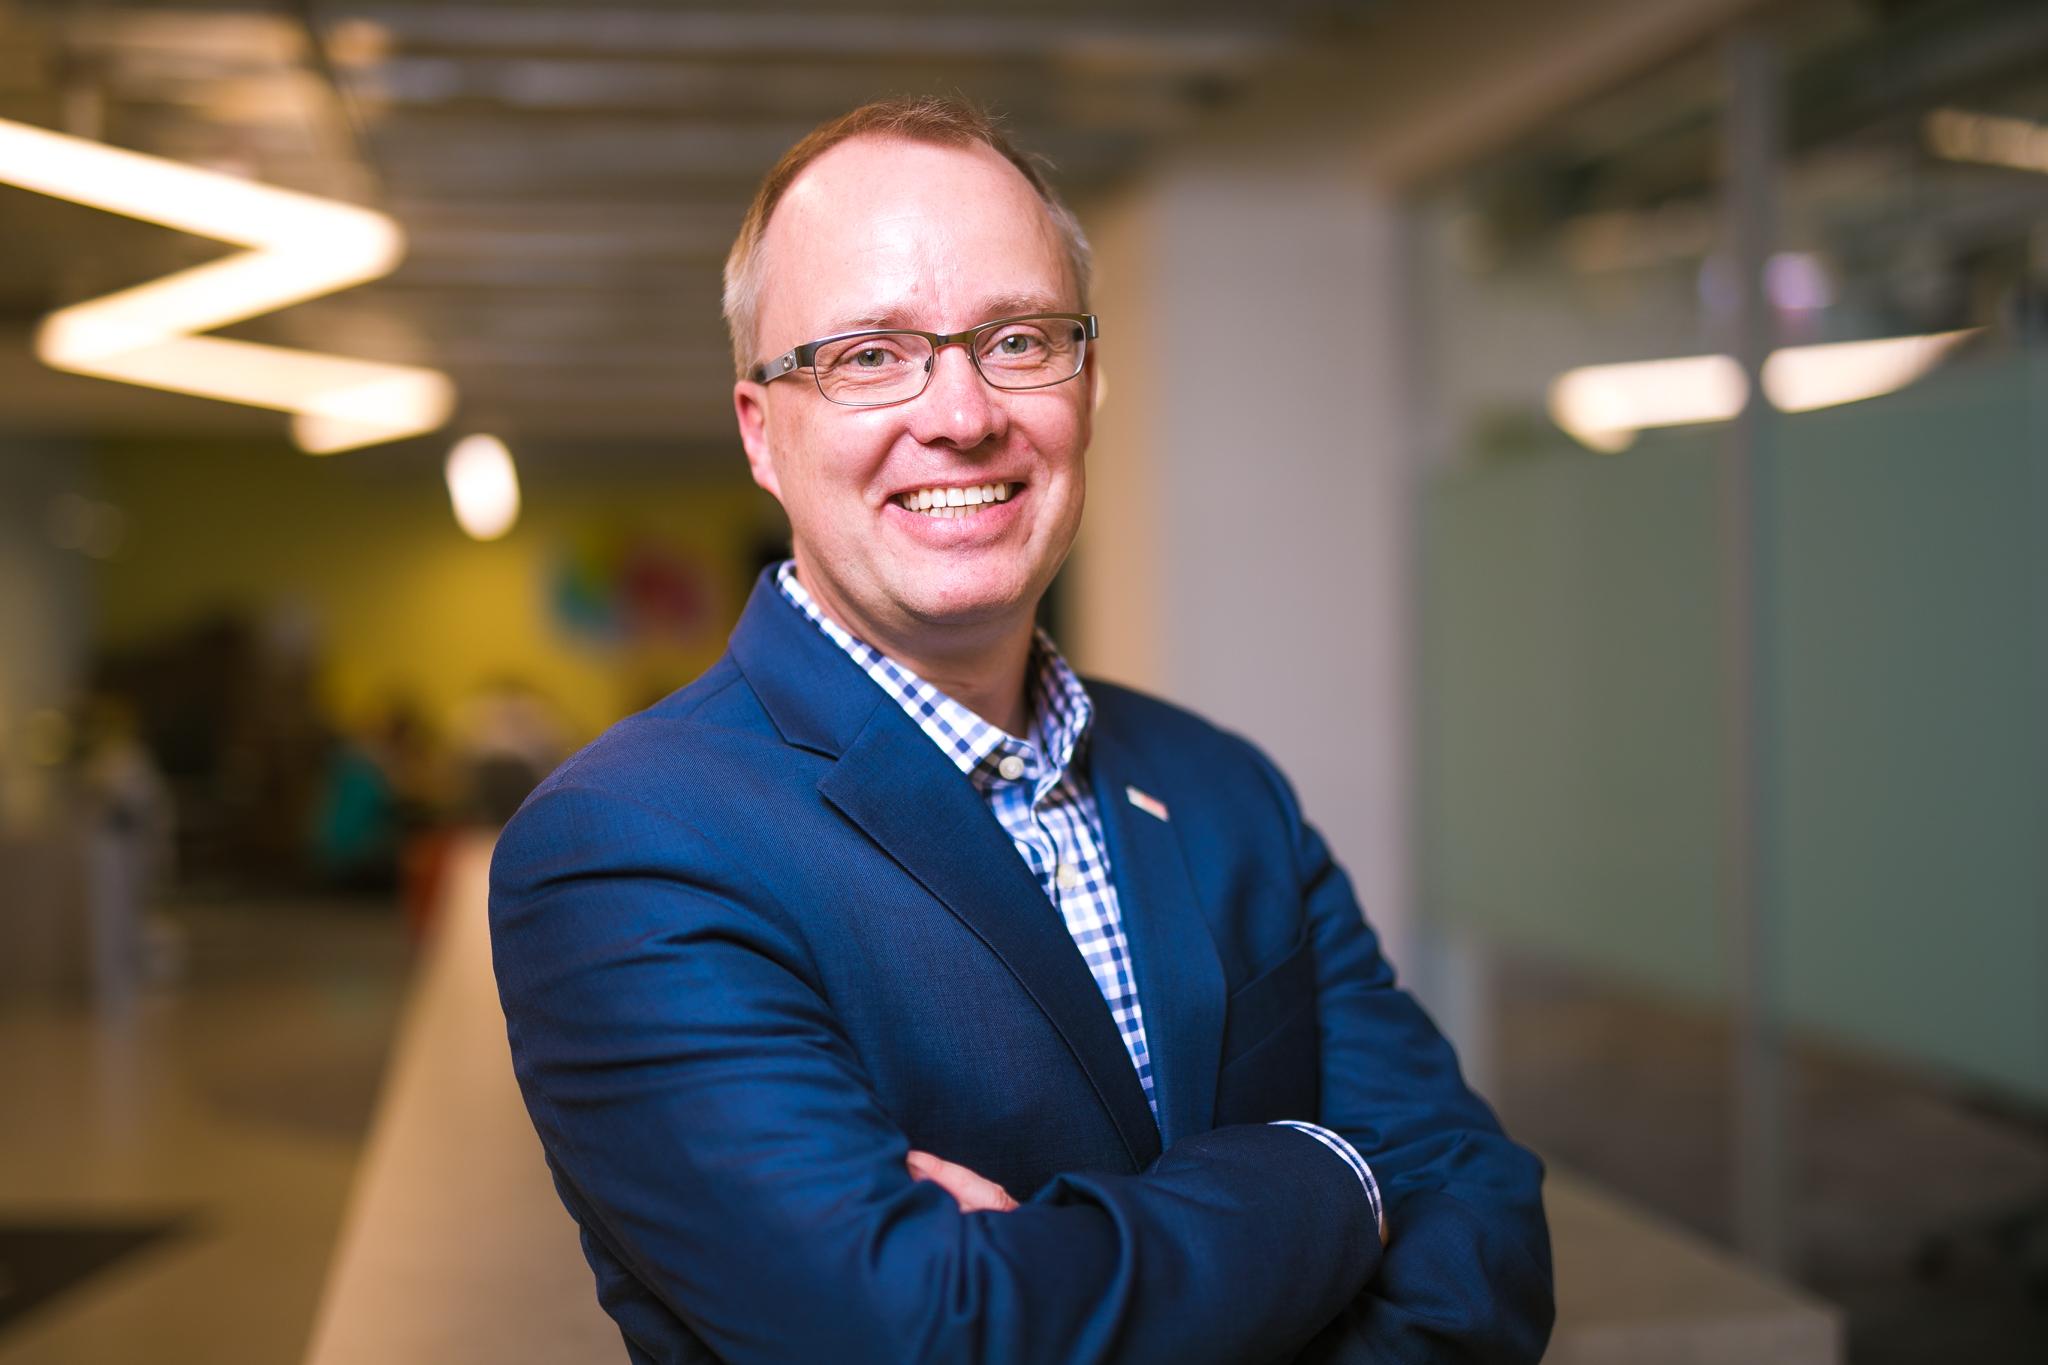 Dennis Böcker, head of global IT innovation at Bosch